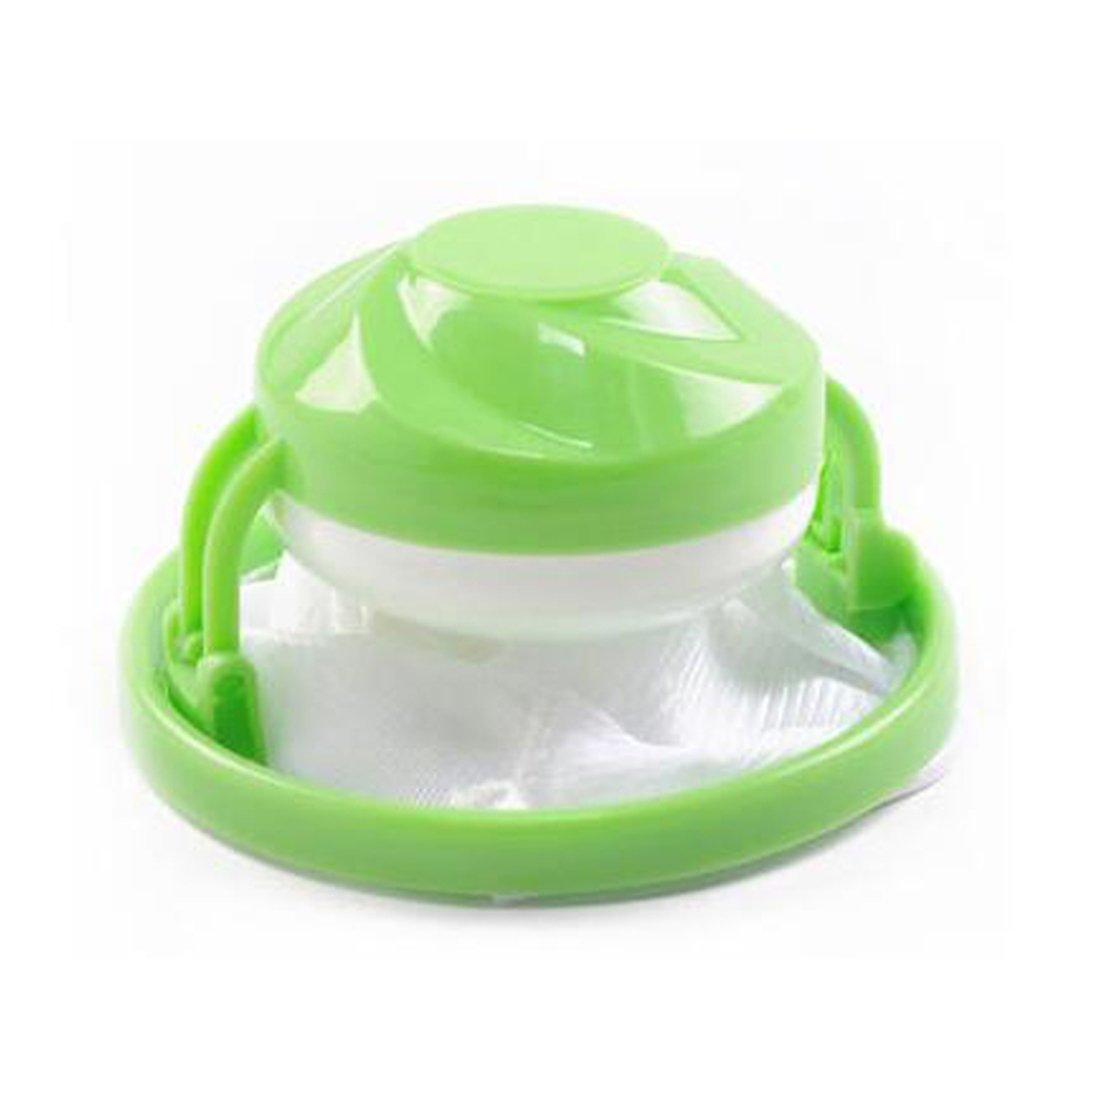 zhouba lavadora accesorios hair removal ropa limpia bola de ...